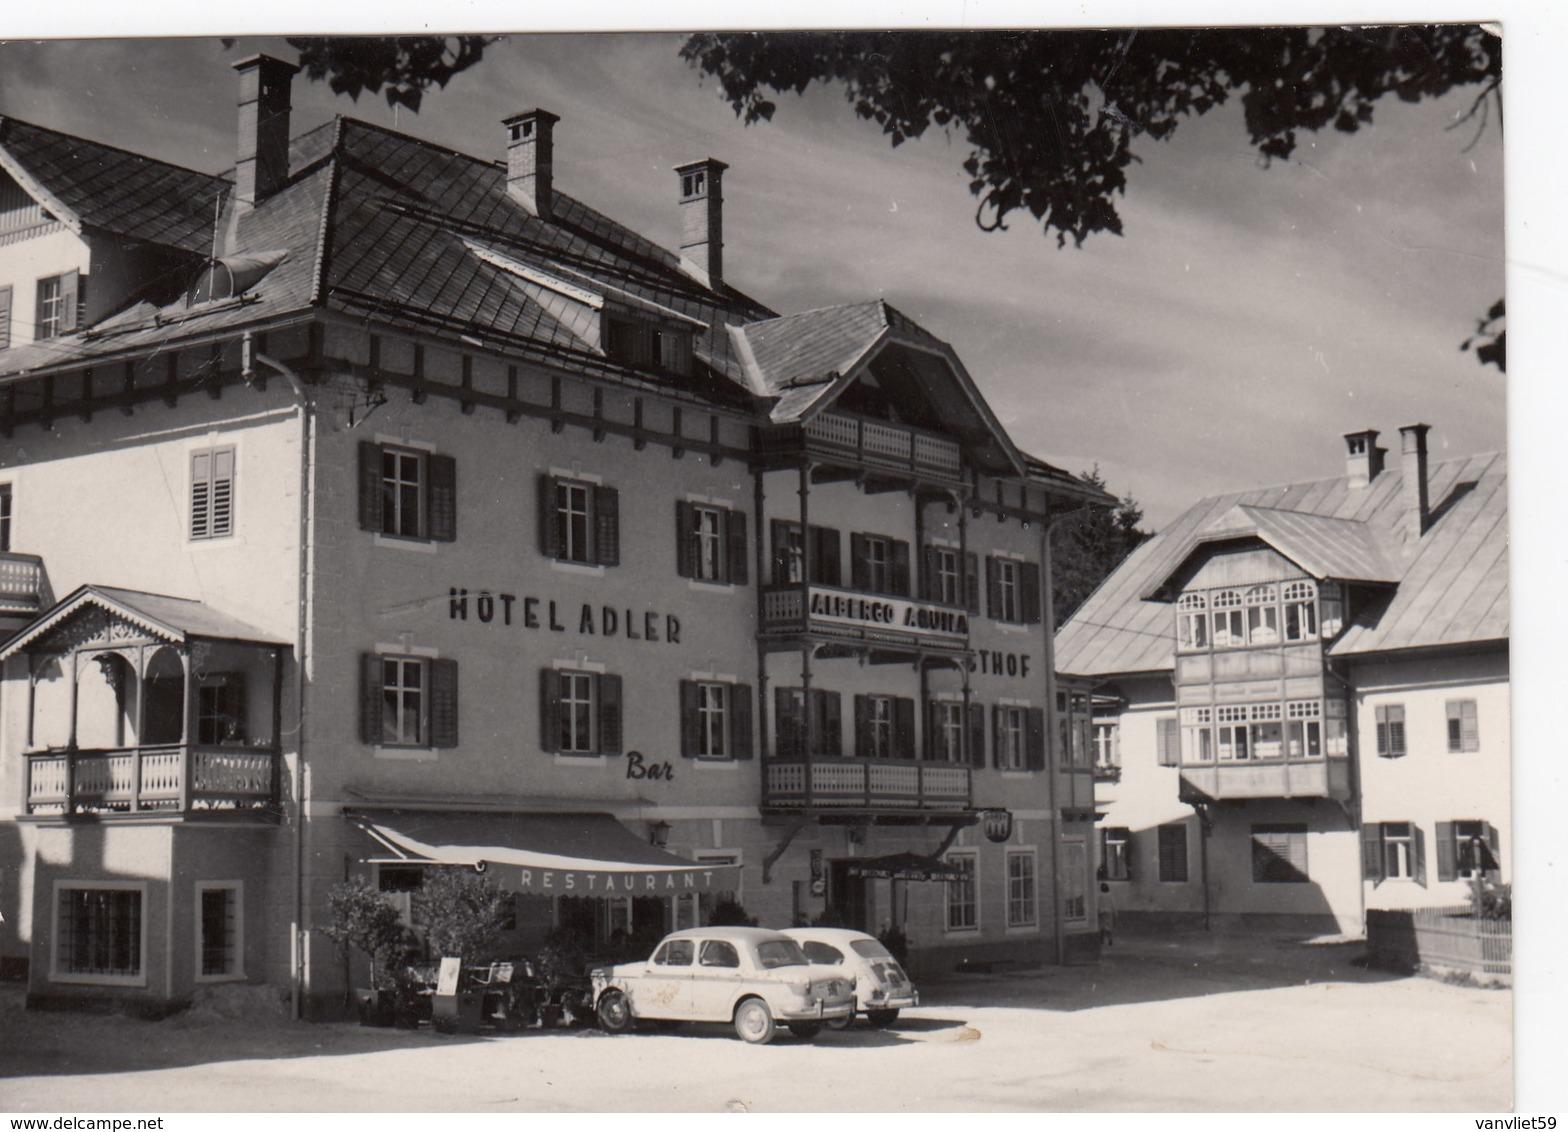 NIEDERDORF-VILLABASSA-BOZEN-BOLZANO-PENSIONE=AQUILA-ADLER=CARTOLINA VERA FOTOGRAFIA-VIAGGIATA   IL 17-8-1964 - Bolzano (Bozen)